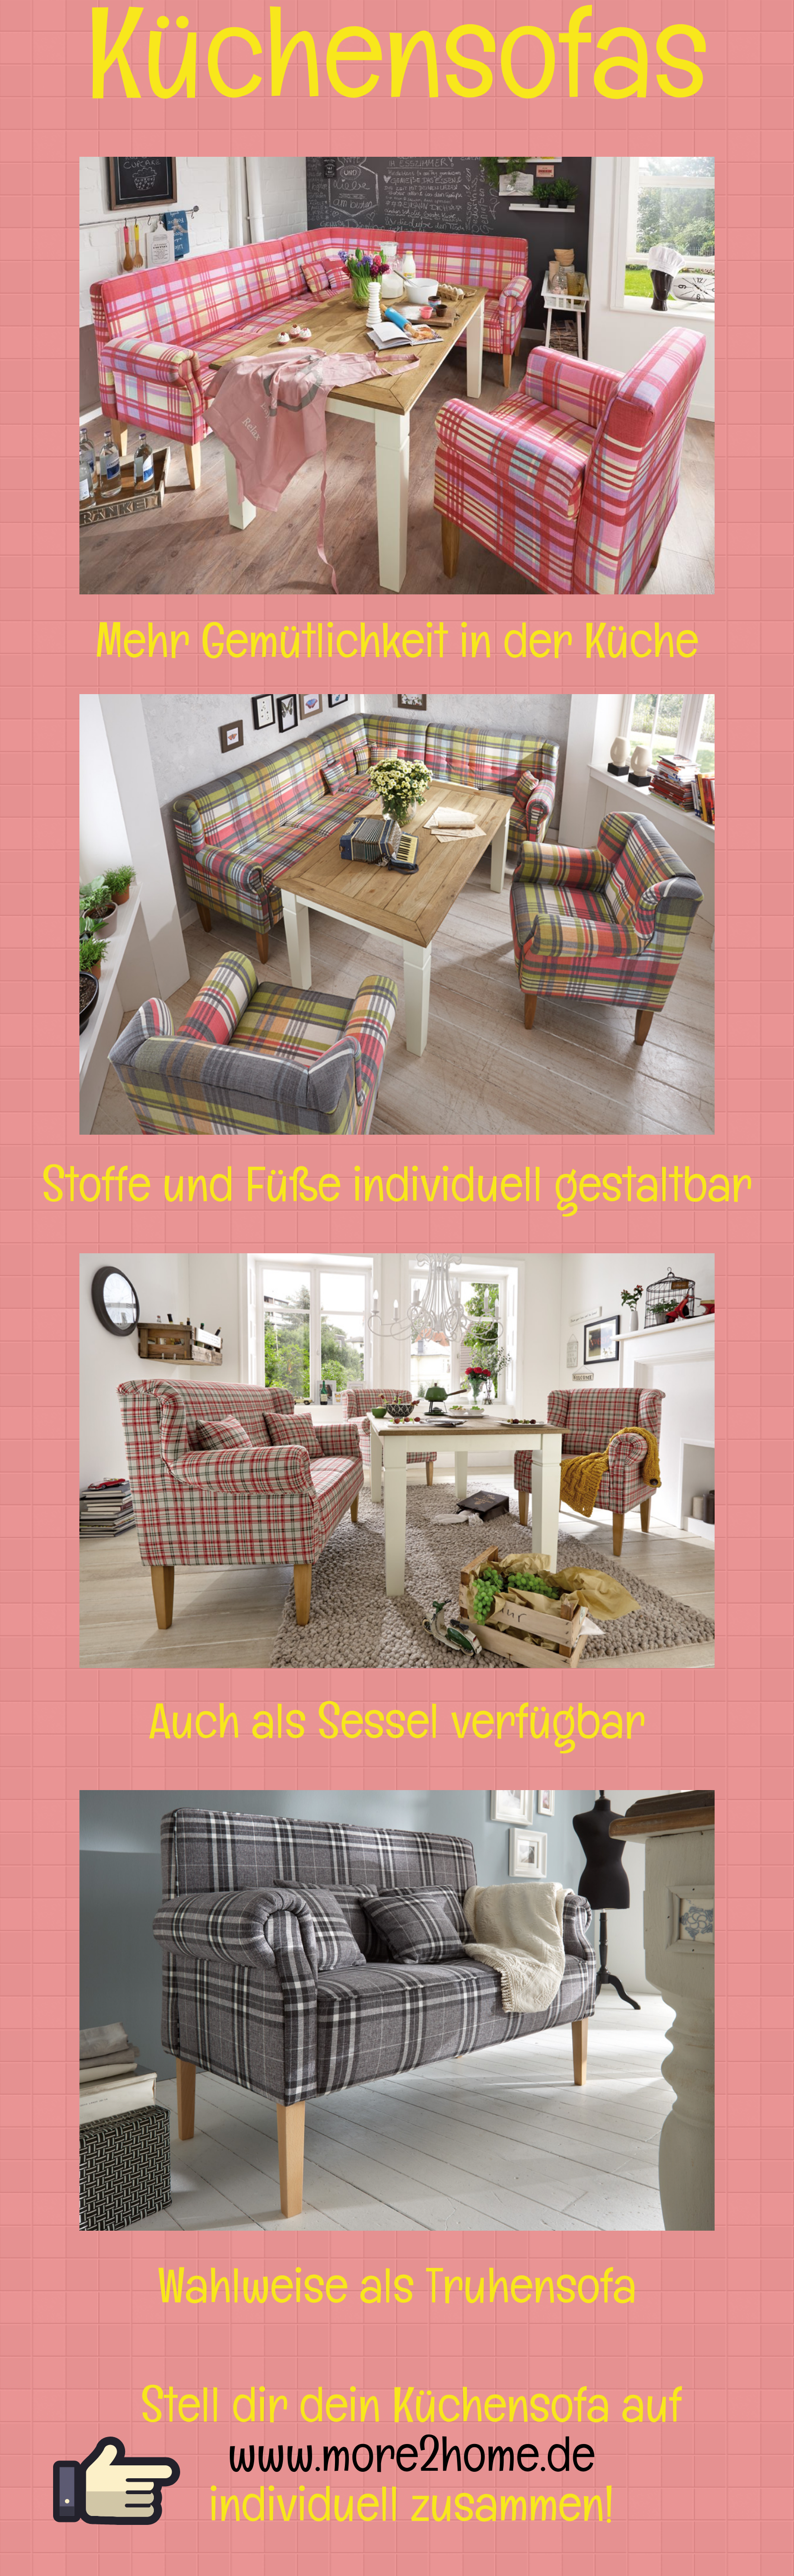 Küchensofa Tischsofa Esszimmer Landhaus Grün Stoff